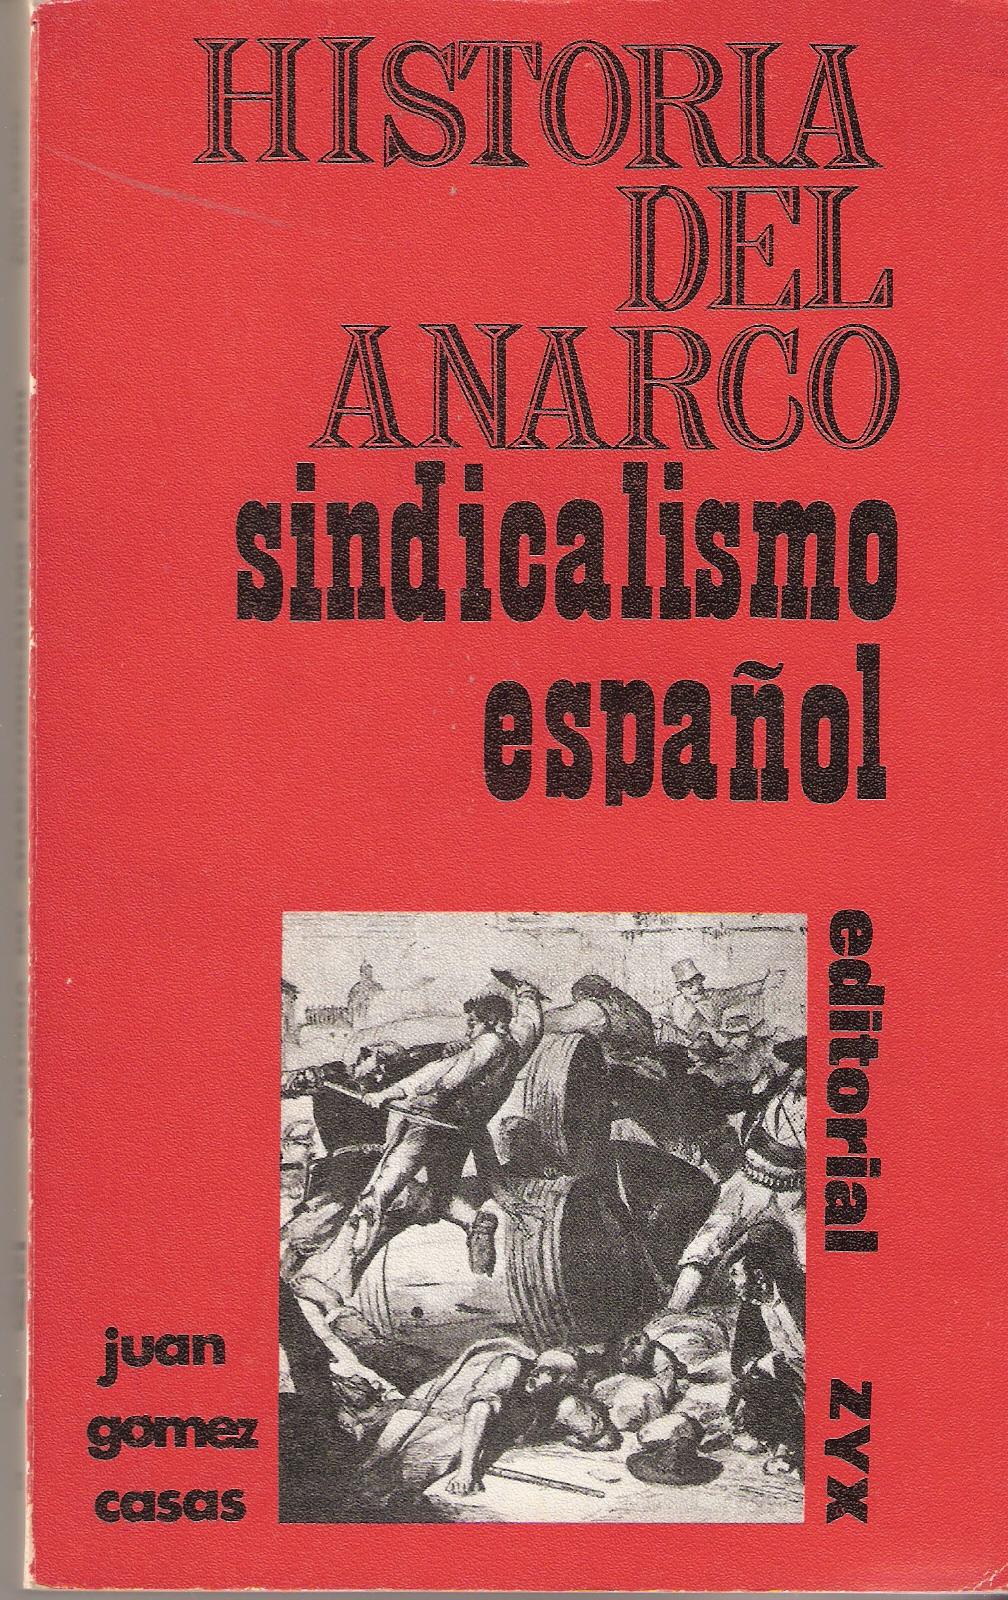 Historia del anarco sindicalismo español